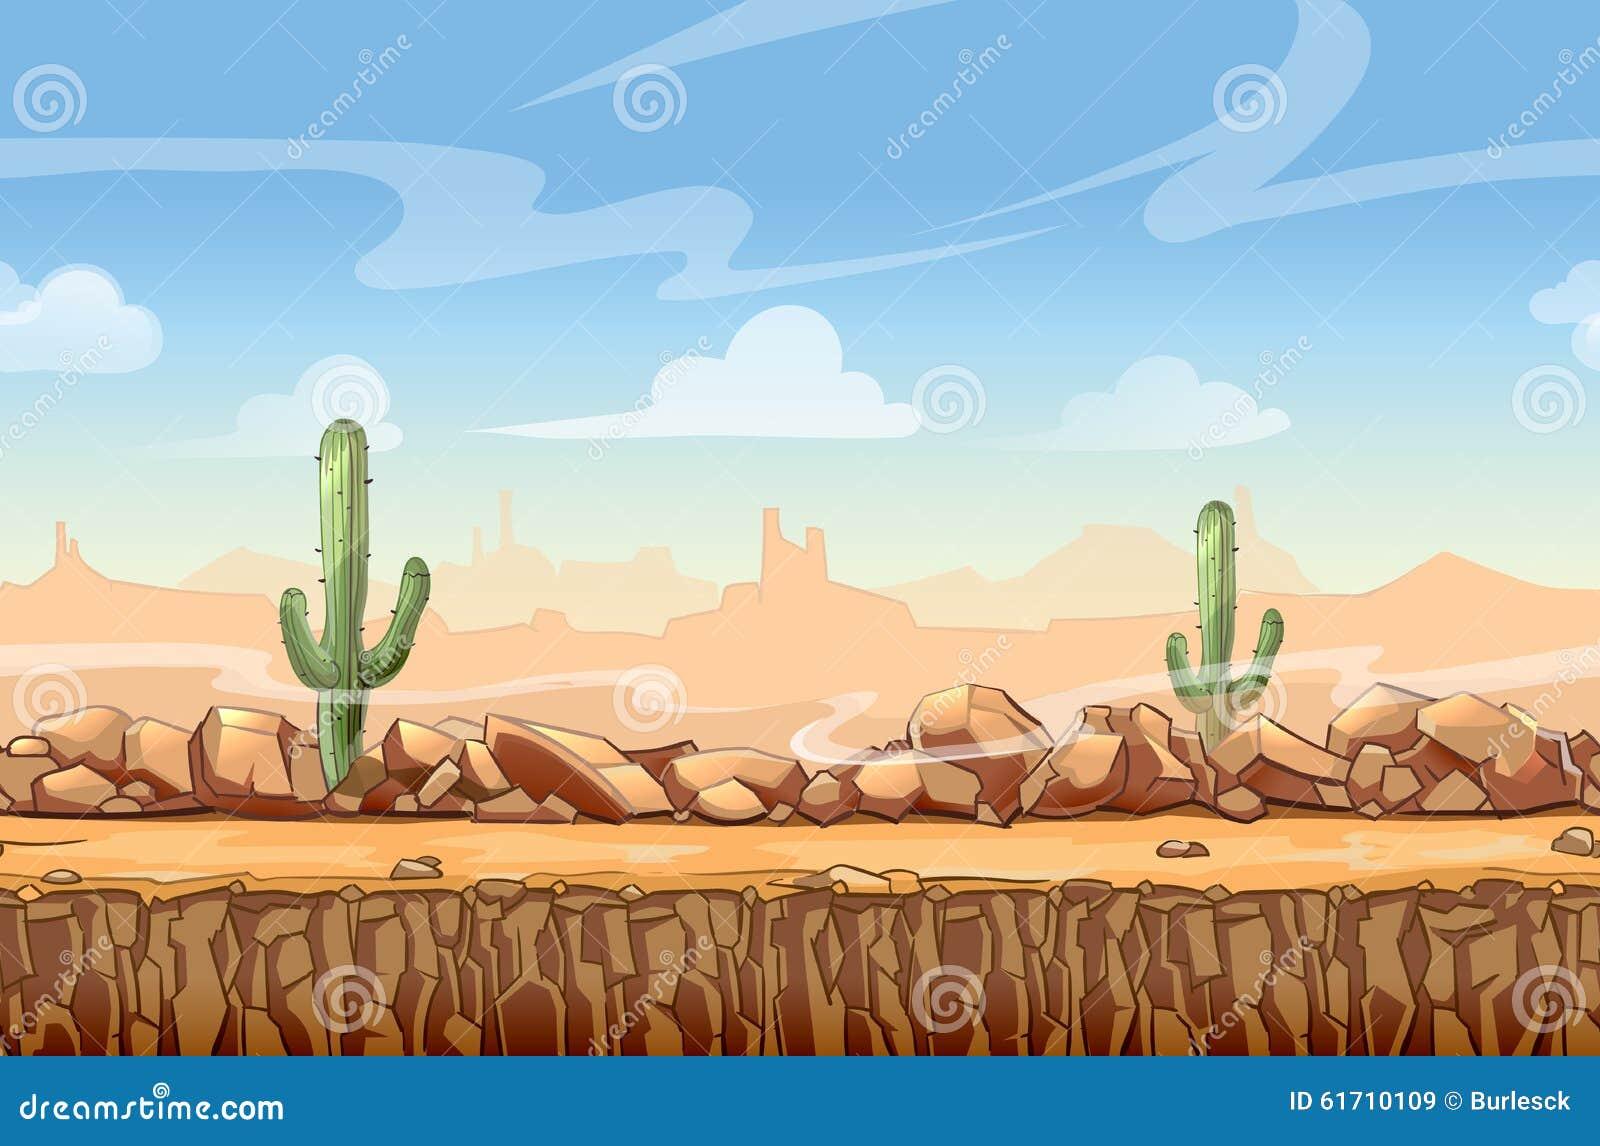 Bande dessinée occidentale sauvage de paysage de désert sans couture